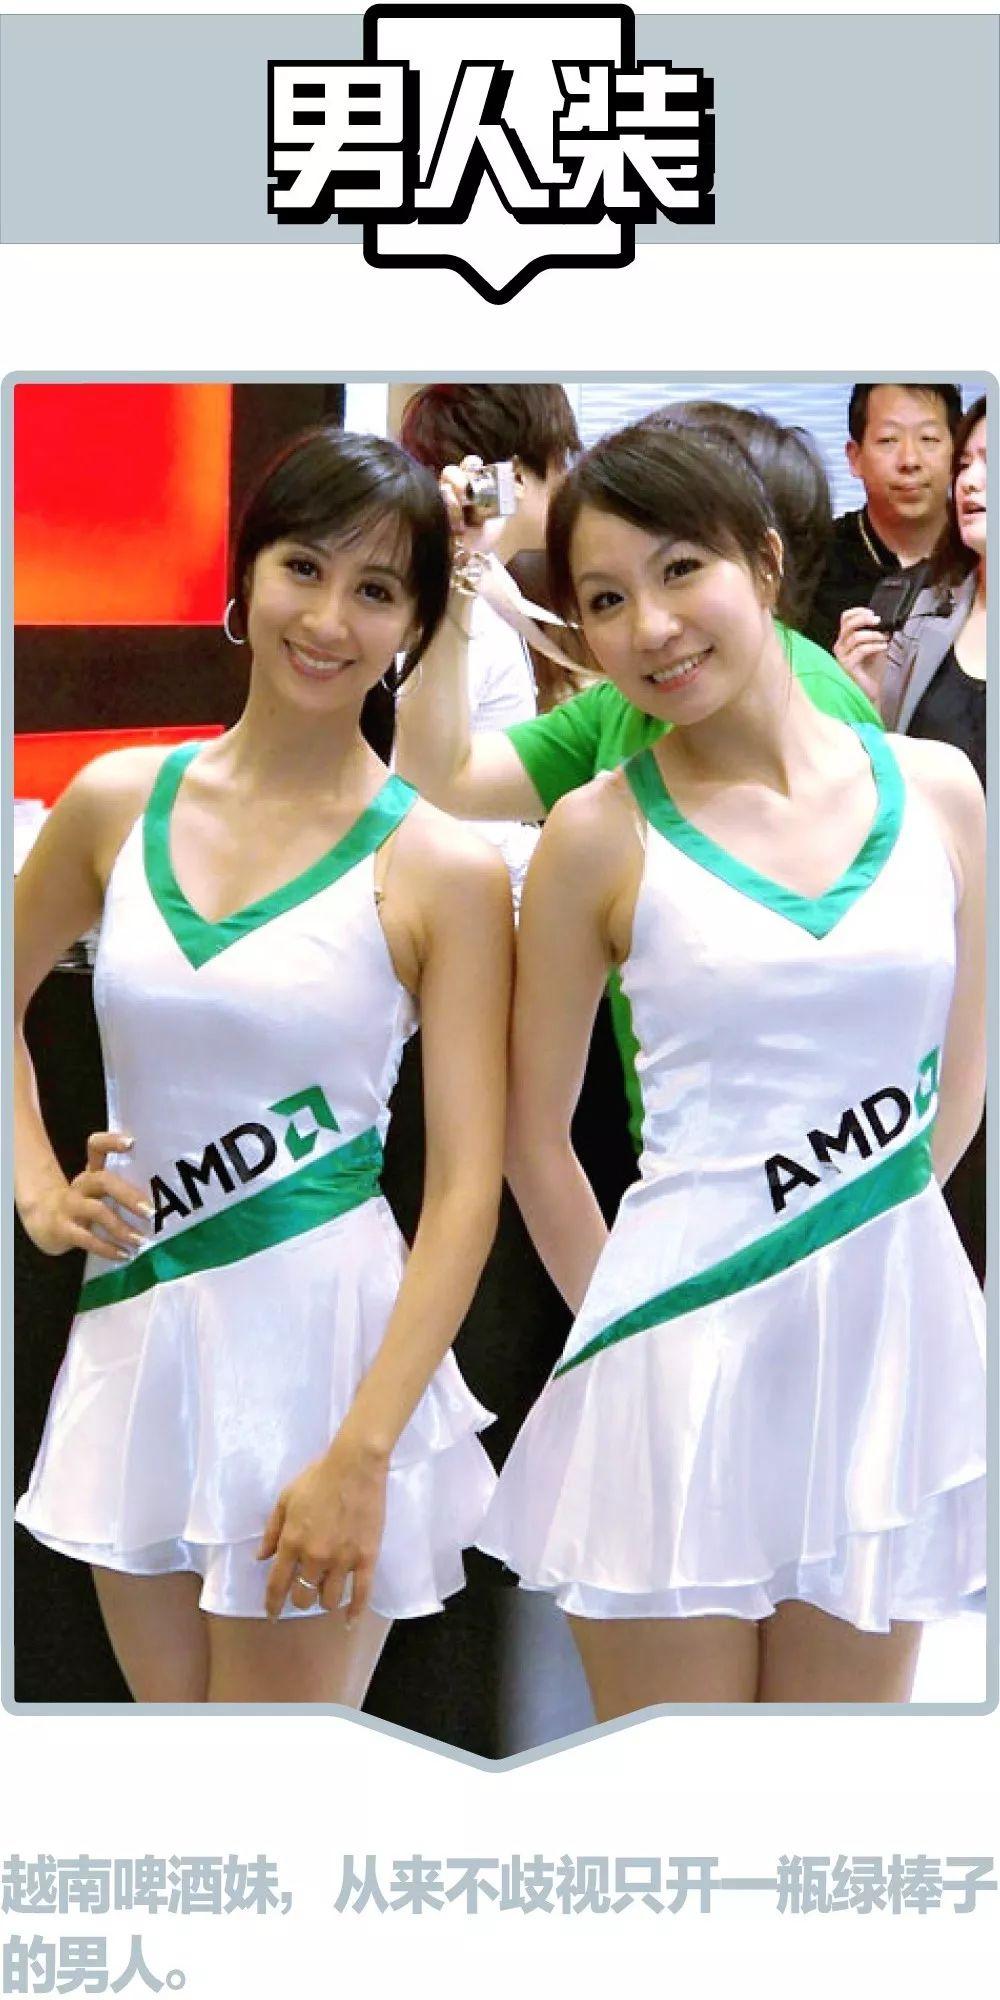 看完亚洲最美的越南啤酒妹,又要被骗去越南了…